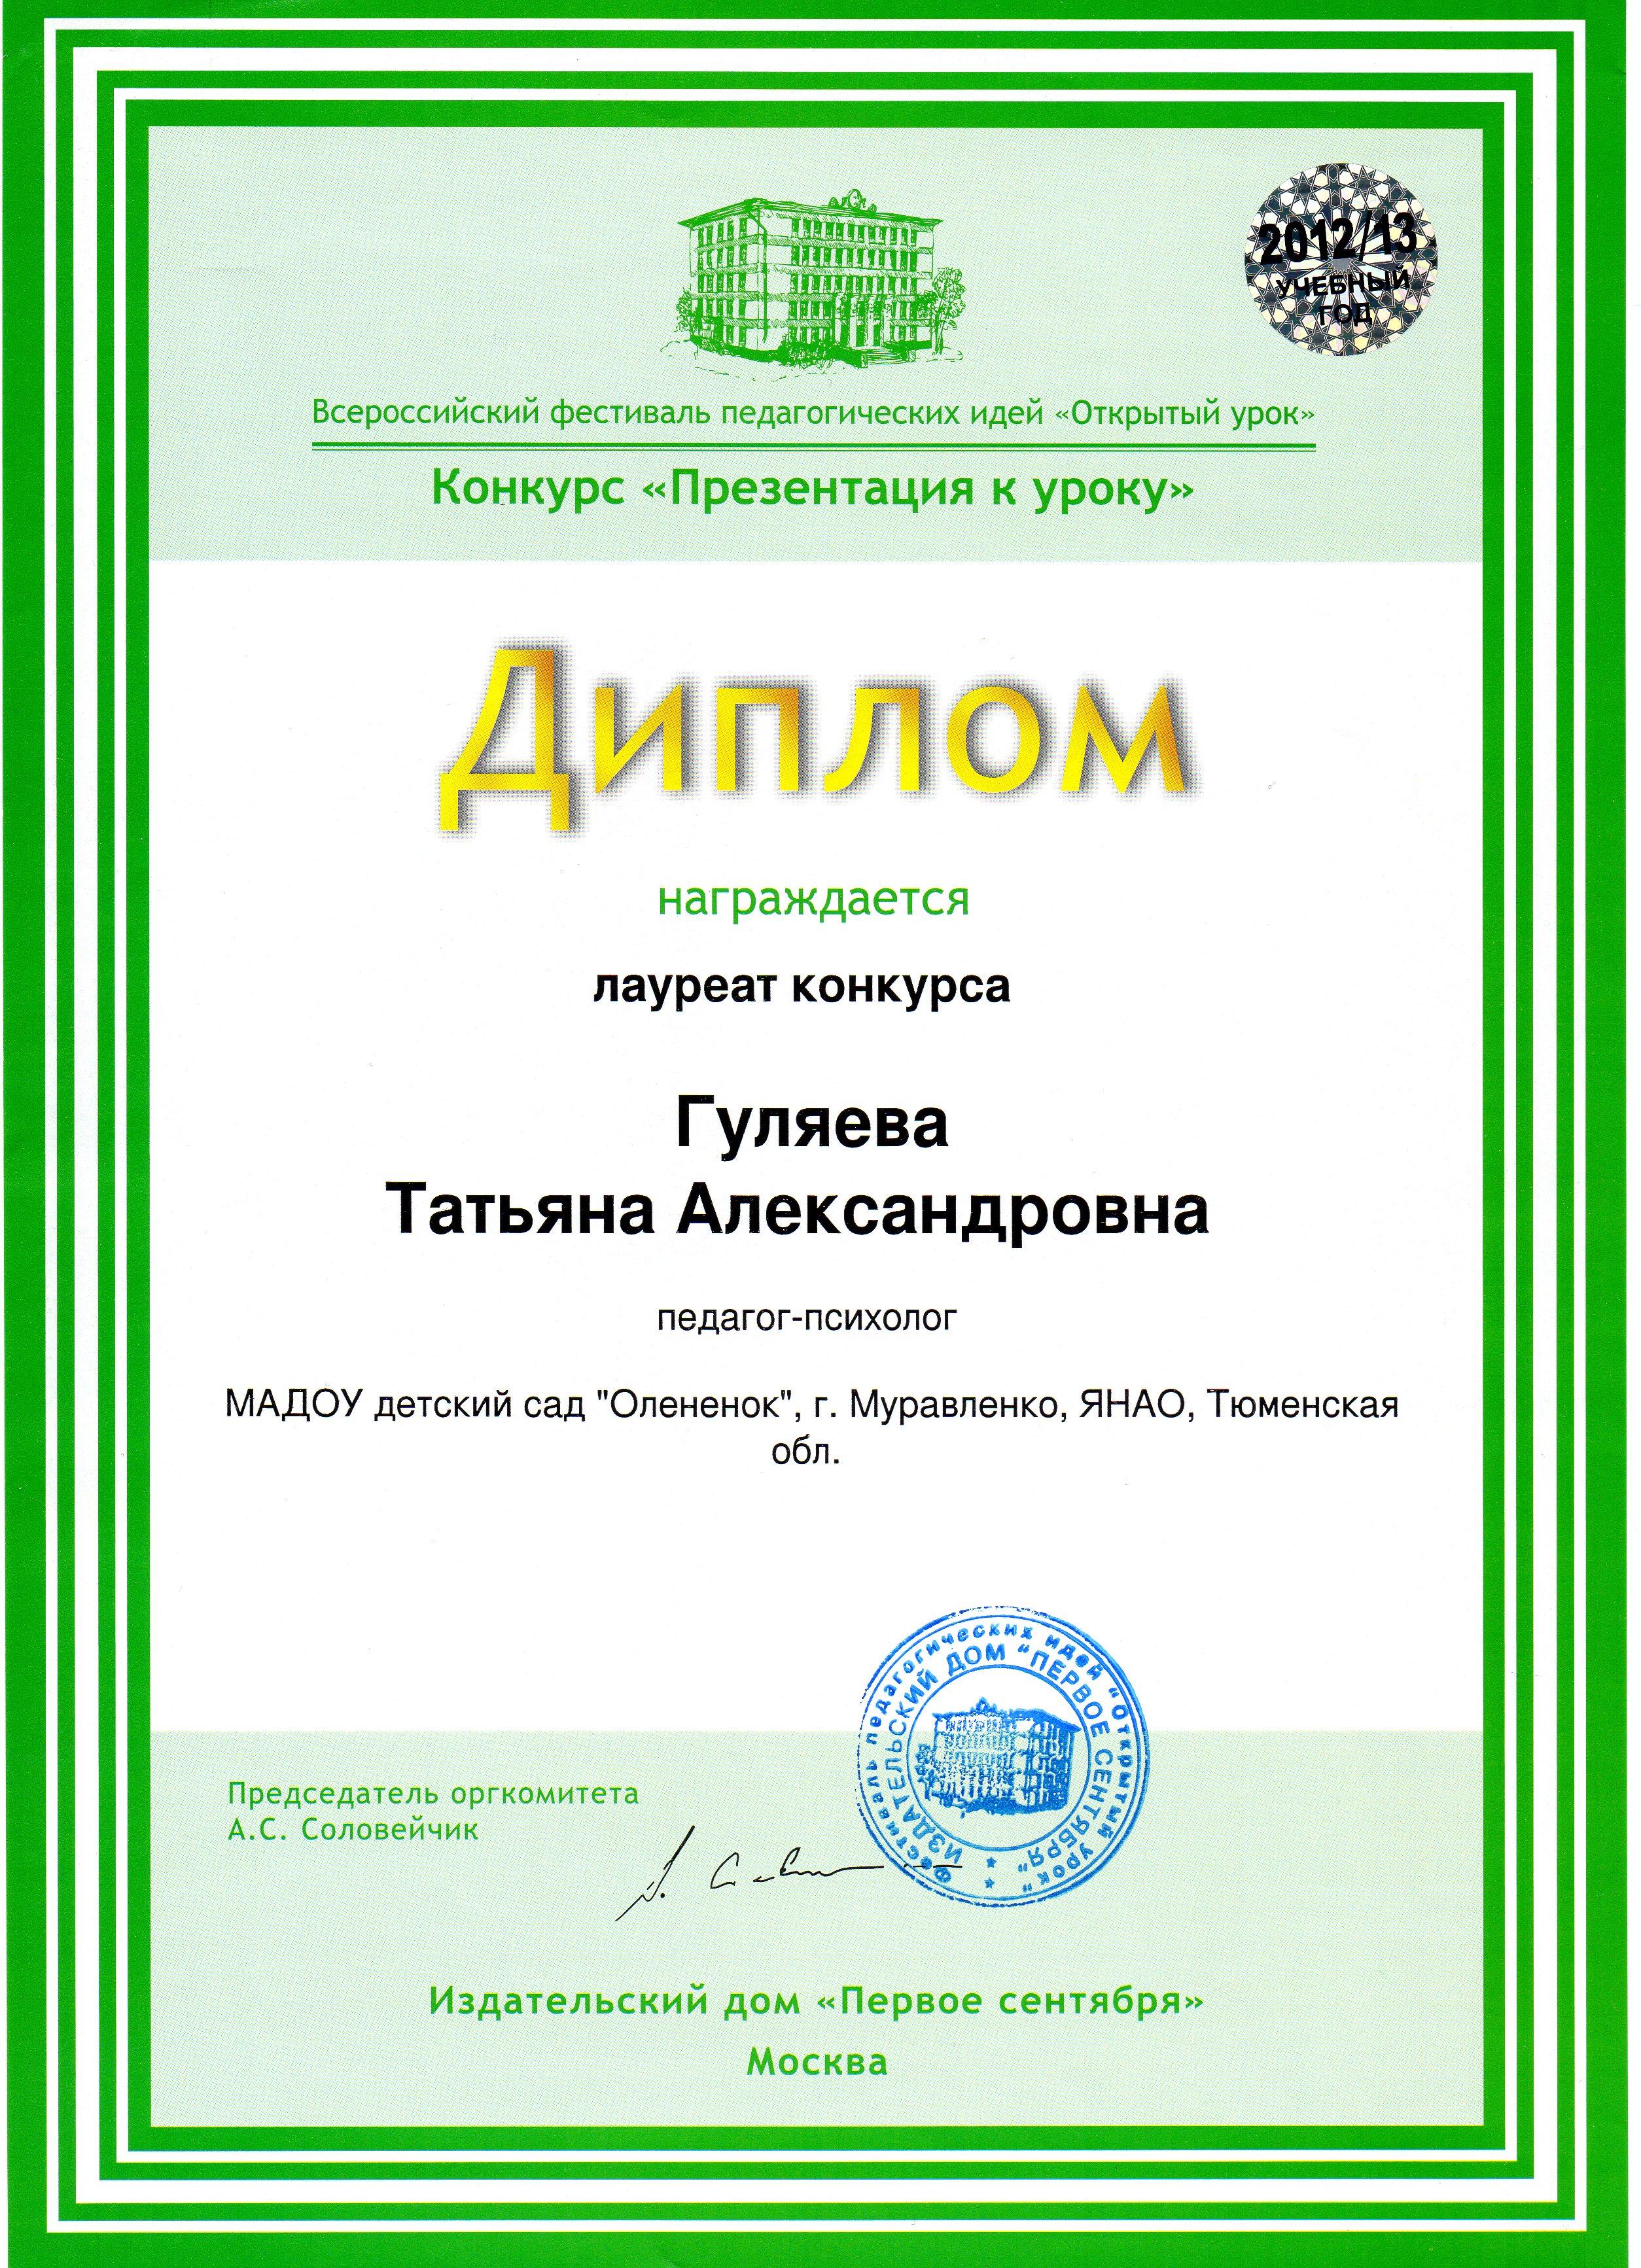 Итоги всероссийского конкурса для учителей